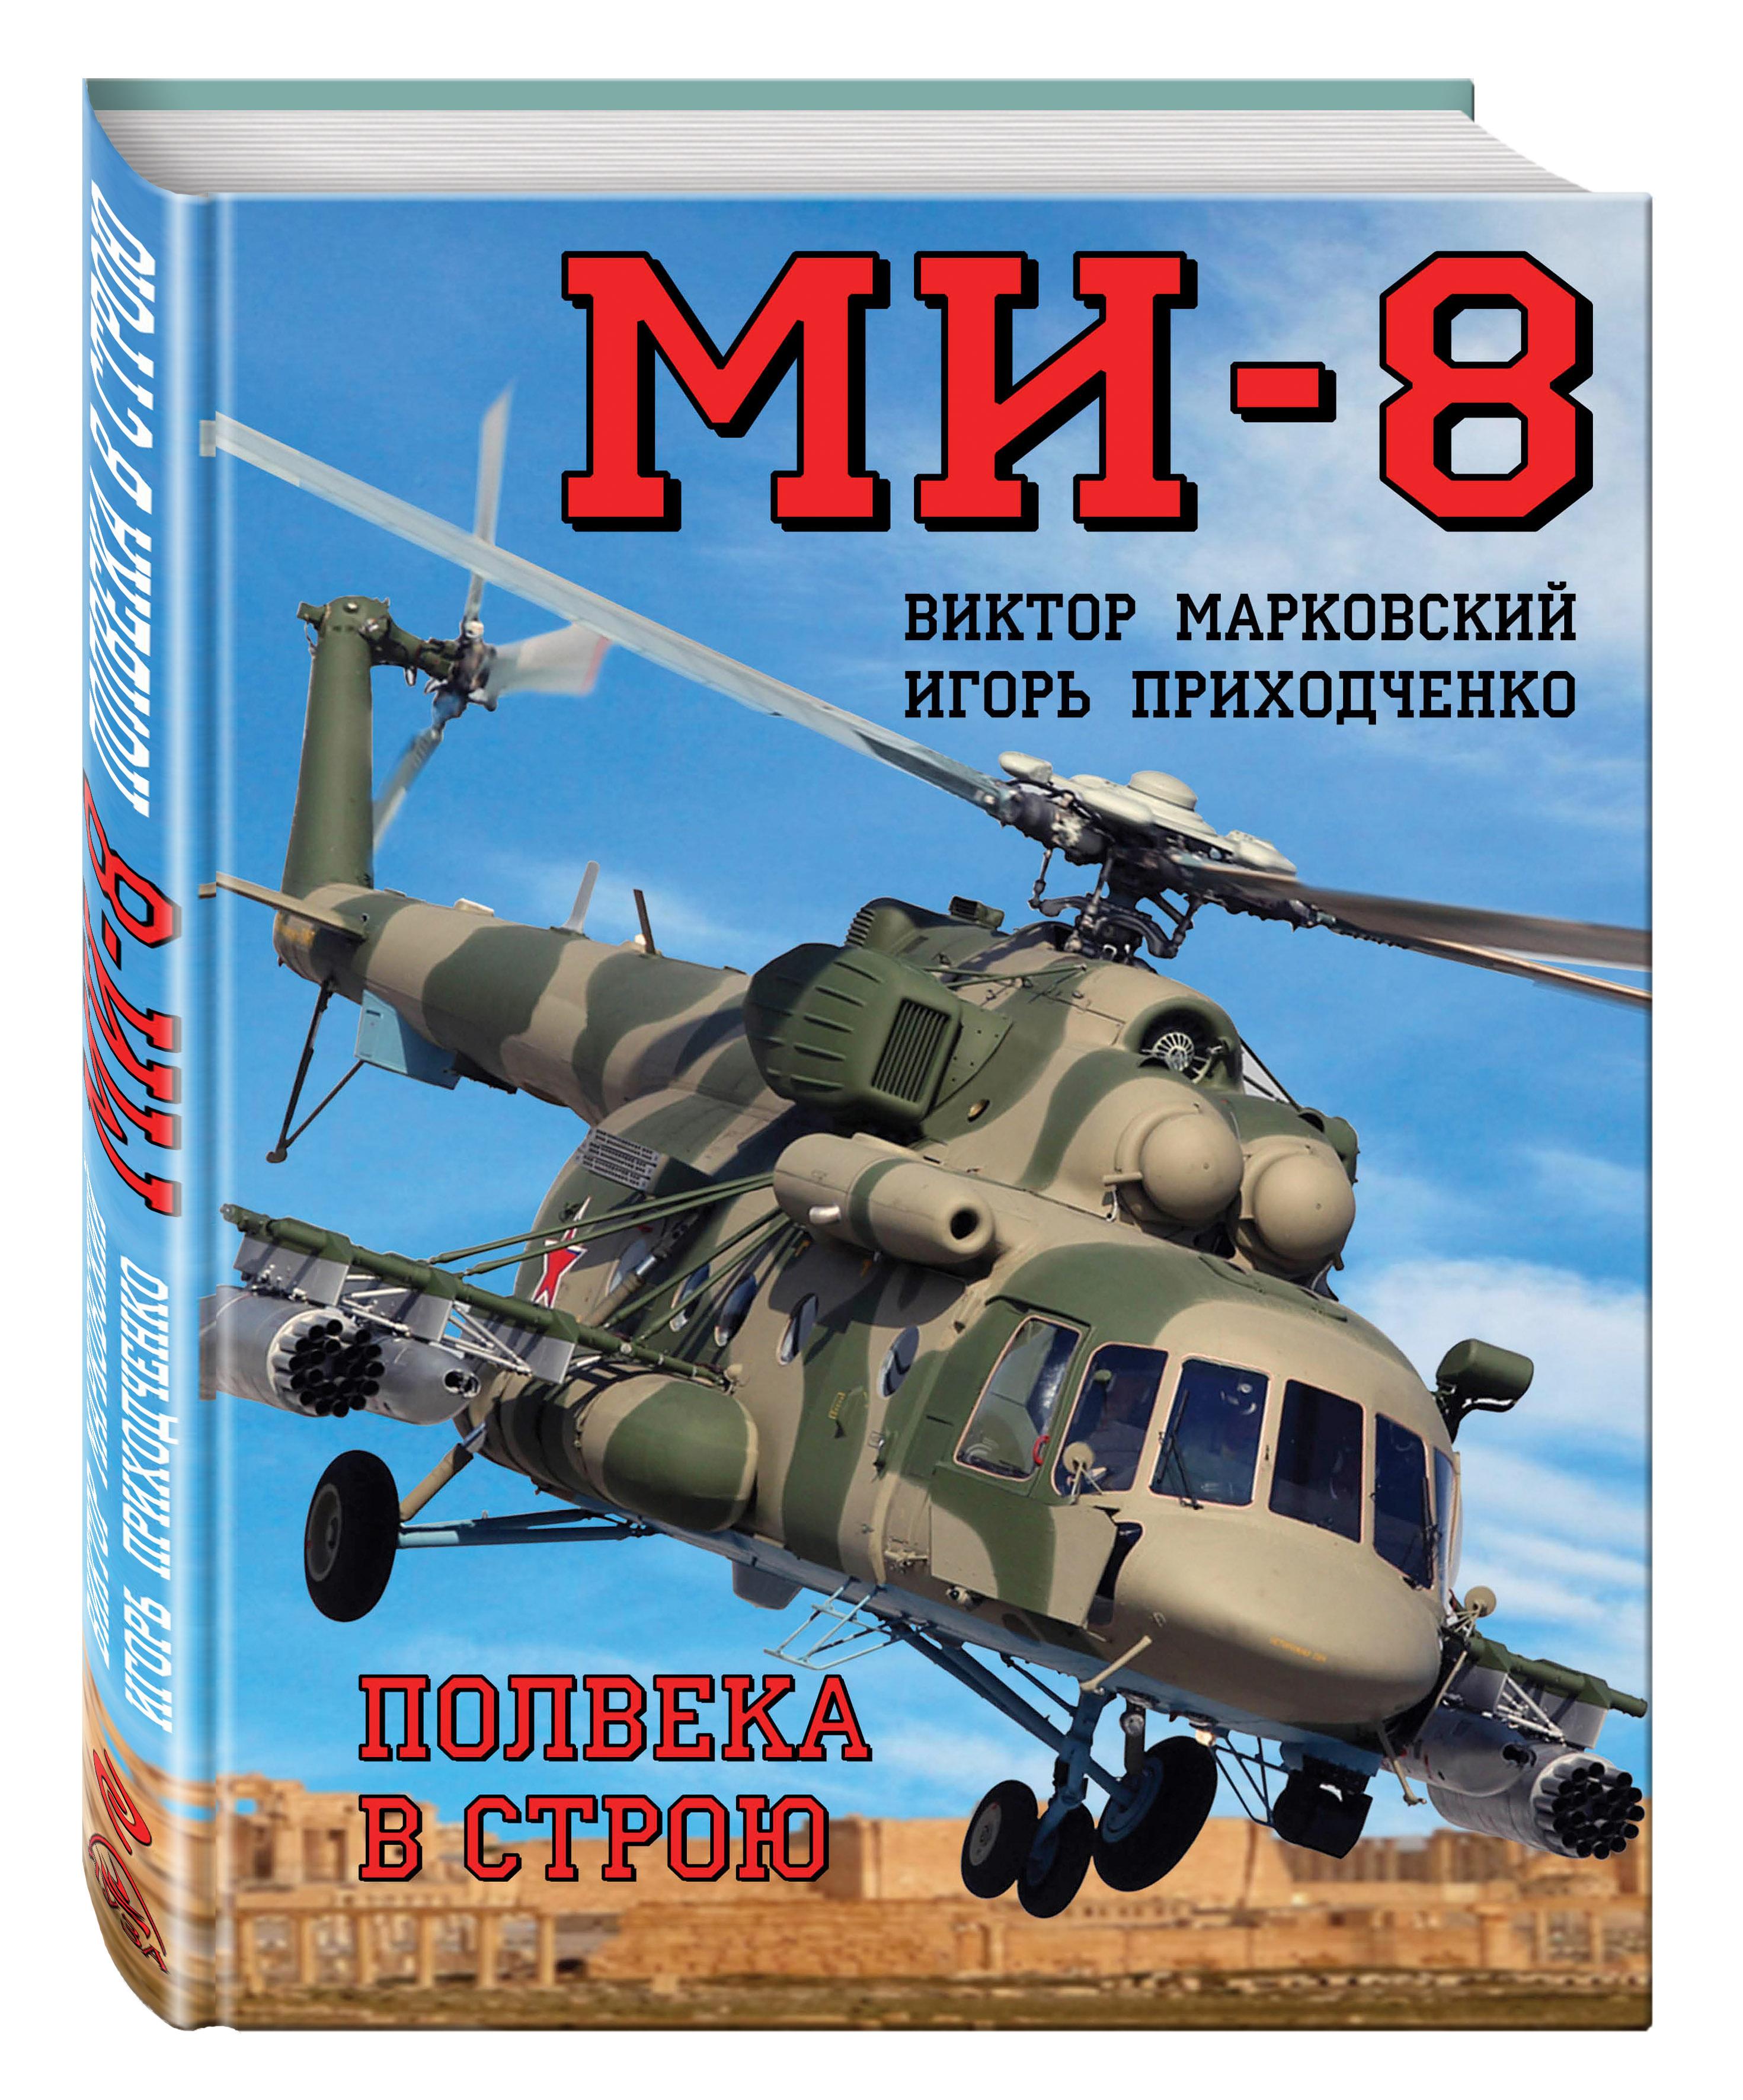 Марковский В.Ю., Приходченко И.В. Ми-8. Полвека в строю